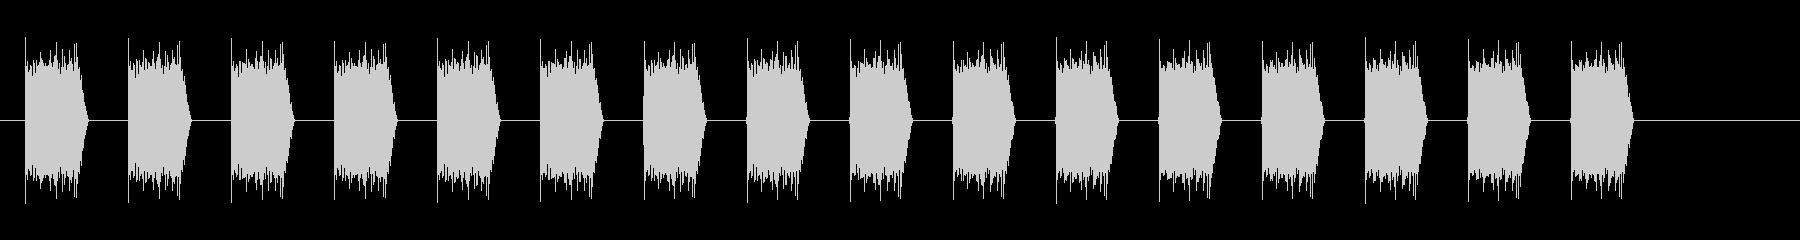 アラートサイレン(リバーブなし)の未再生の波形